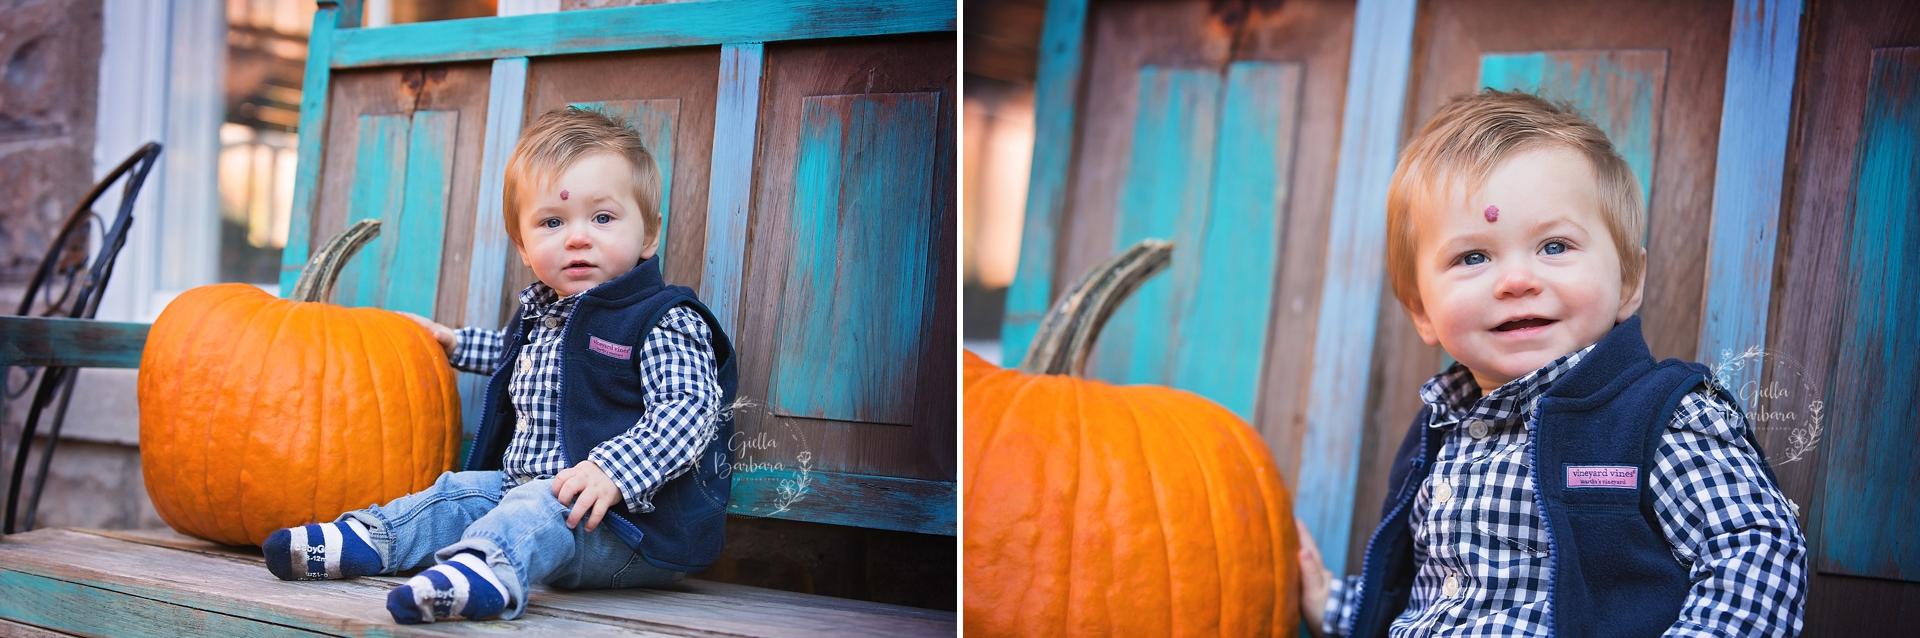 a boy and his pumpkin